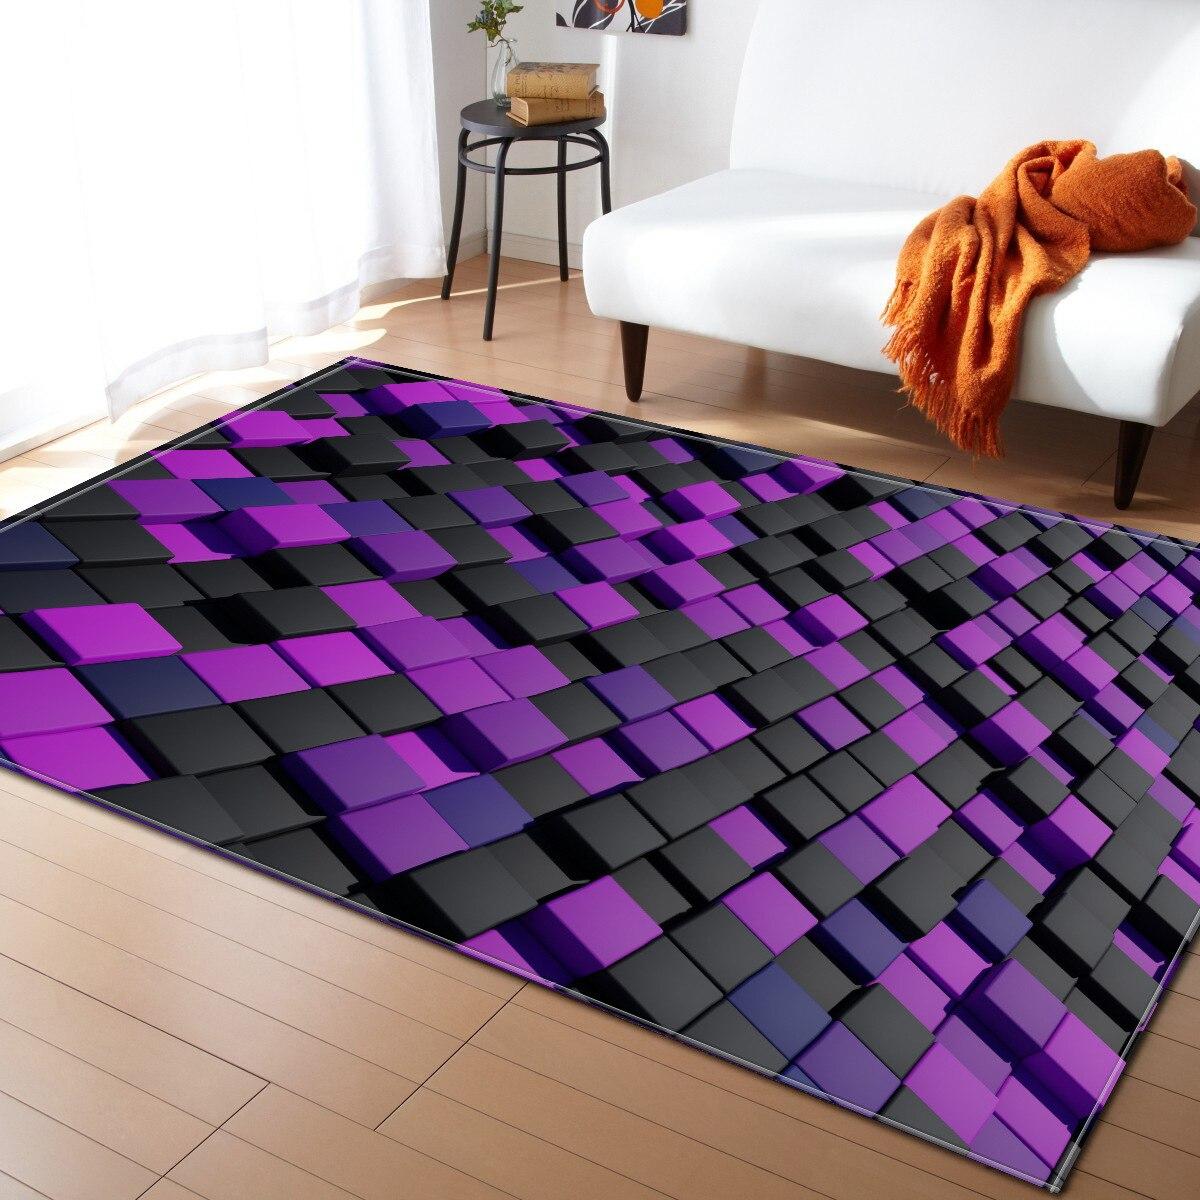 T noir tapis et tapis pour la maison salon 3D salon salon tapis de sol anti-dérapant chambre tapis grande couverture pour la décoration intérieure